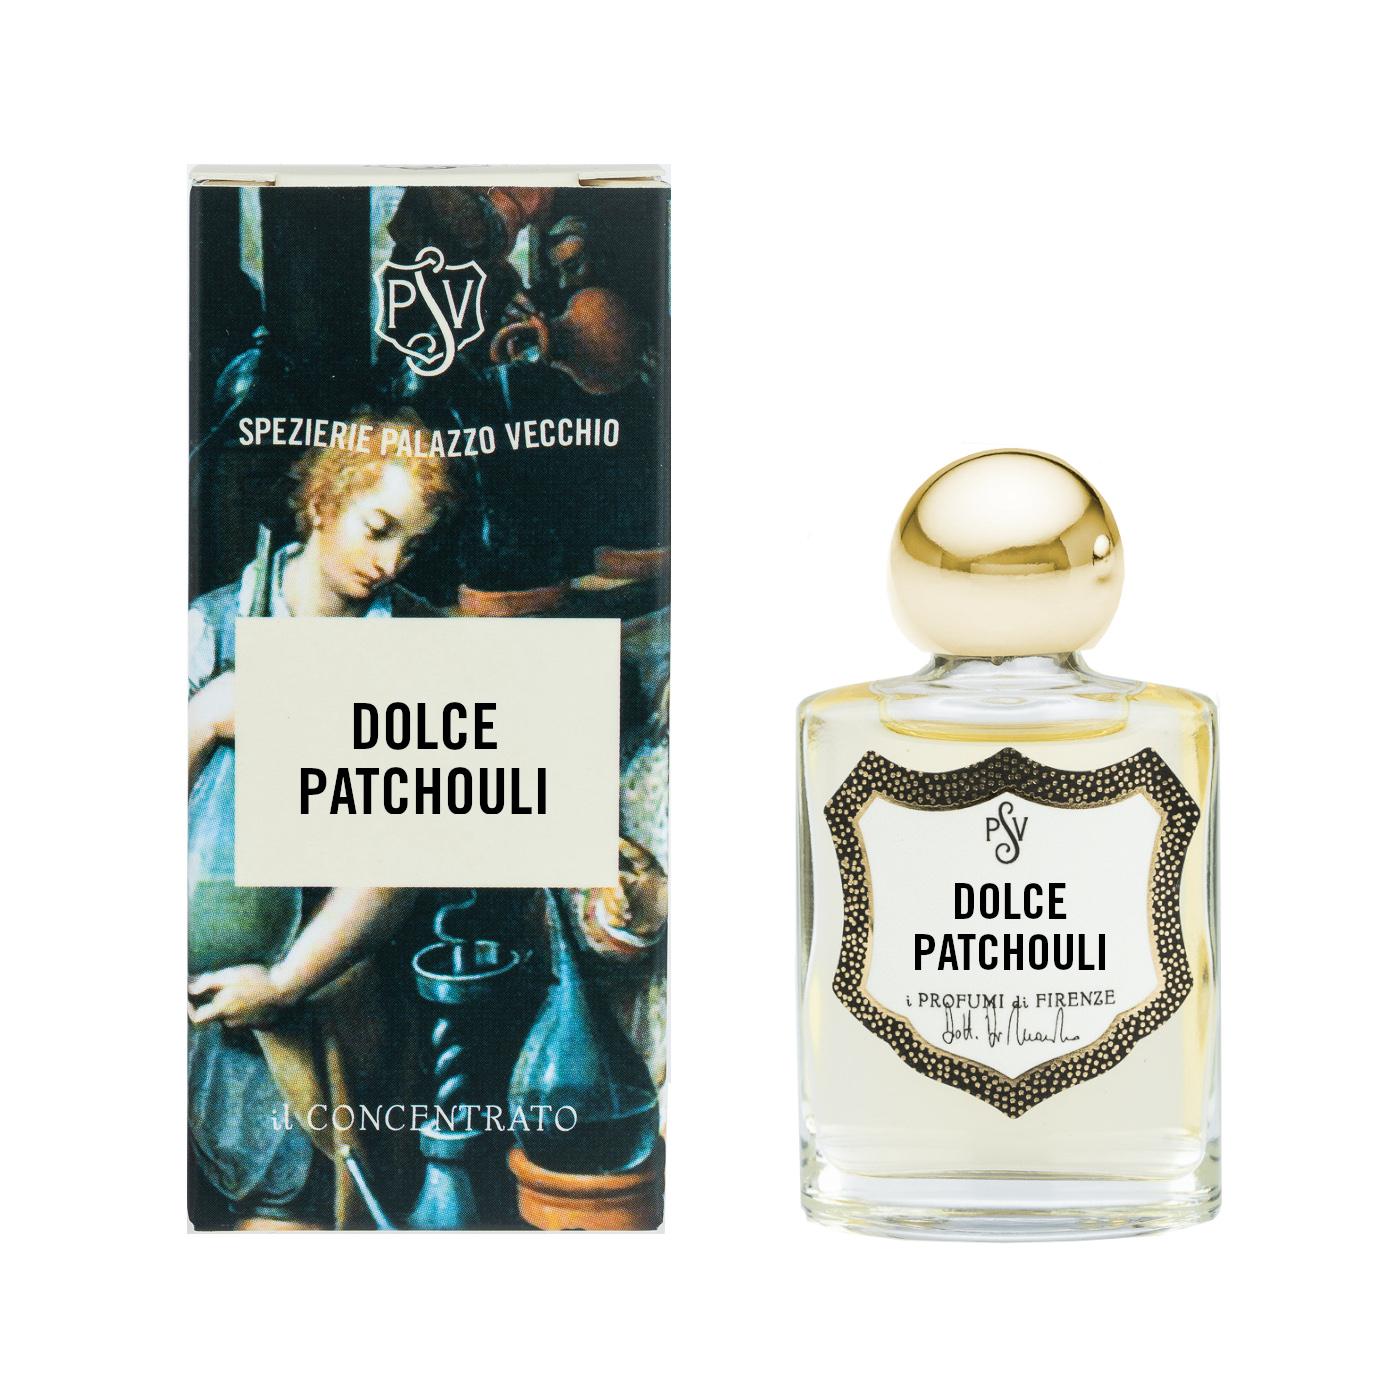 DOLCE PATCHOULI - Il Concentrato-4329